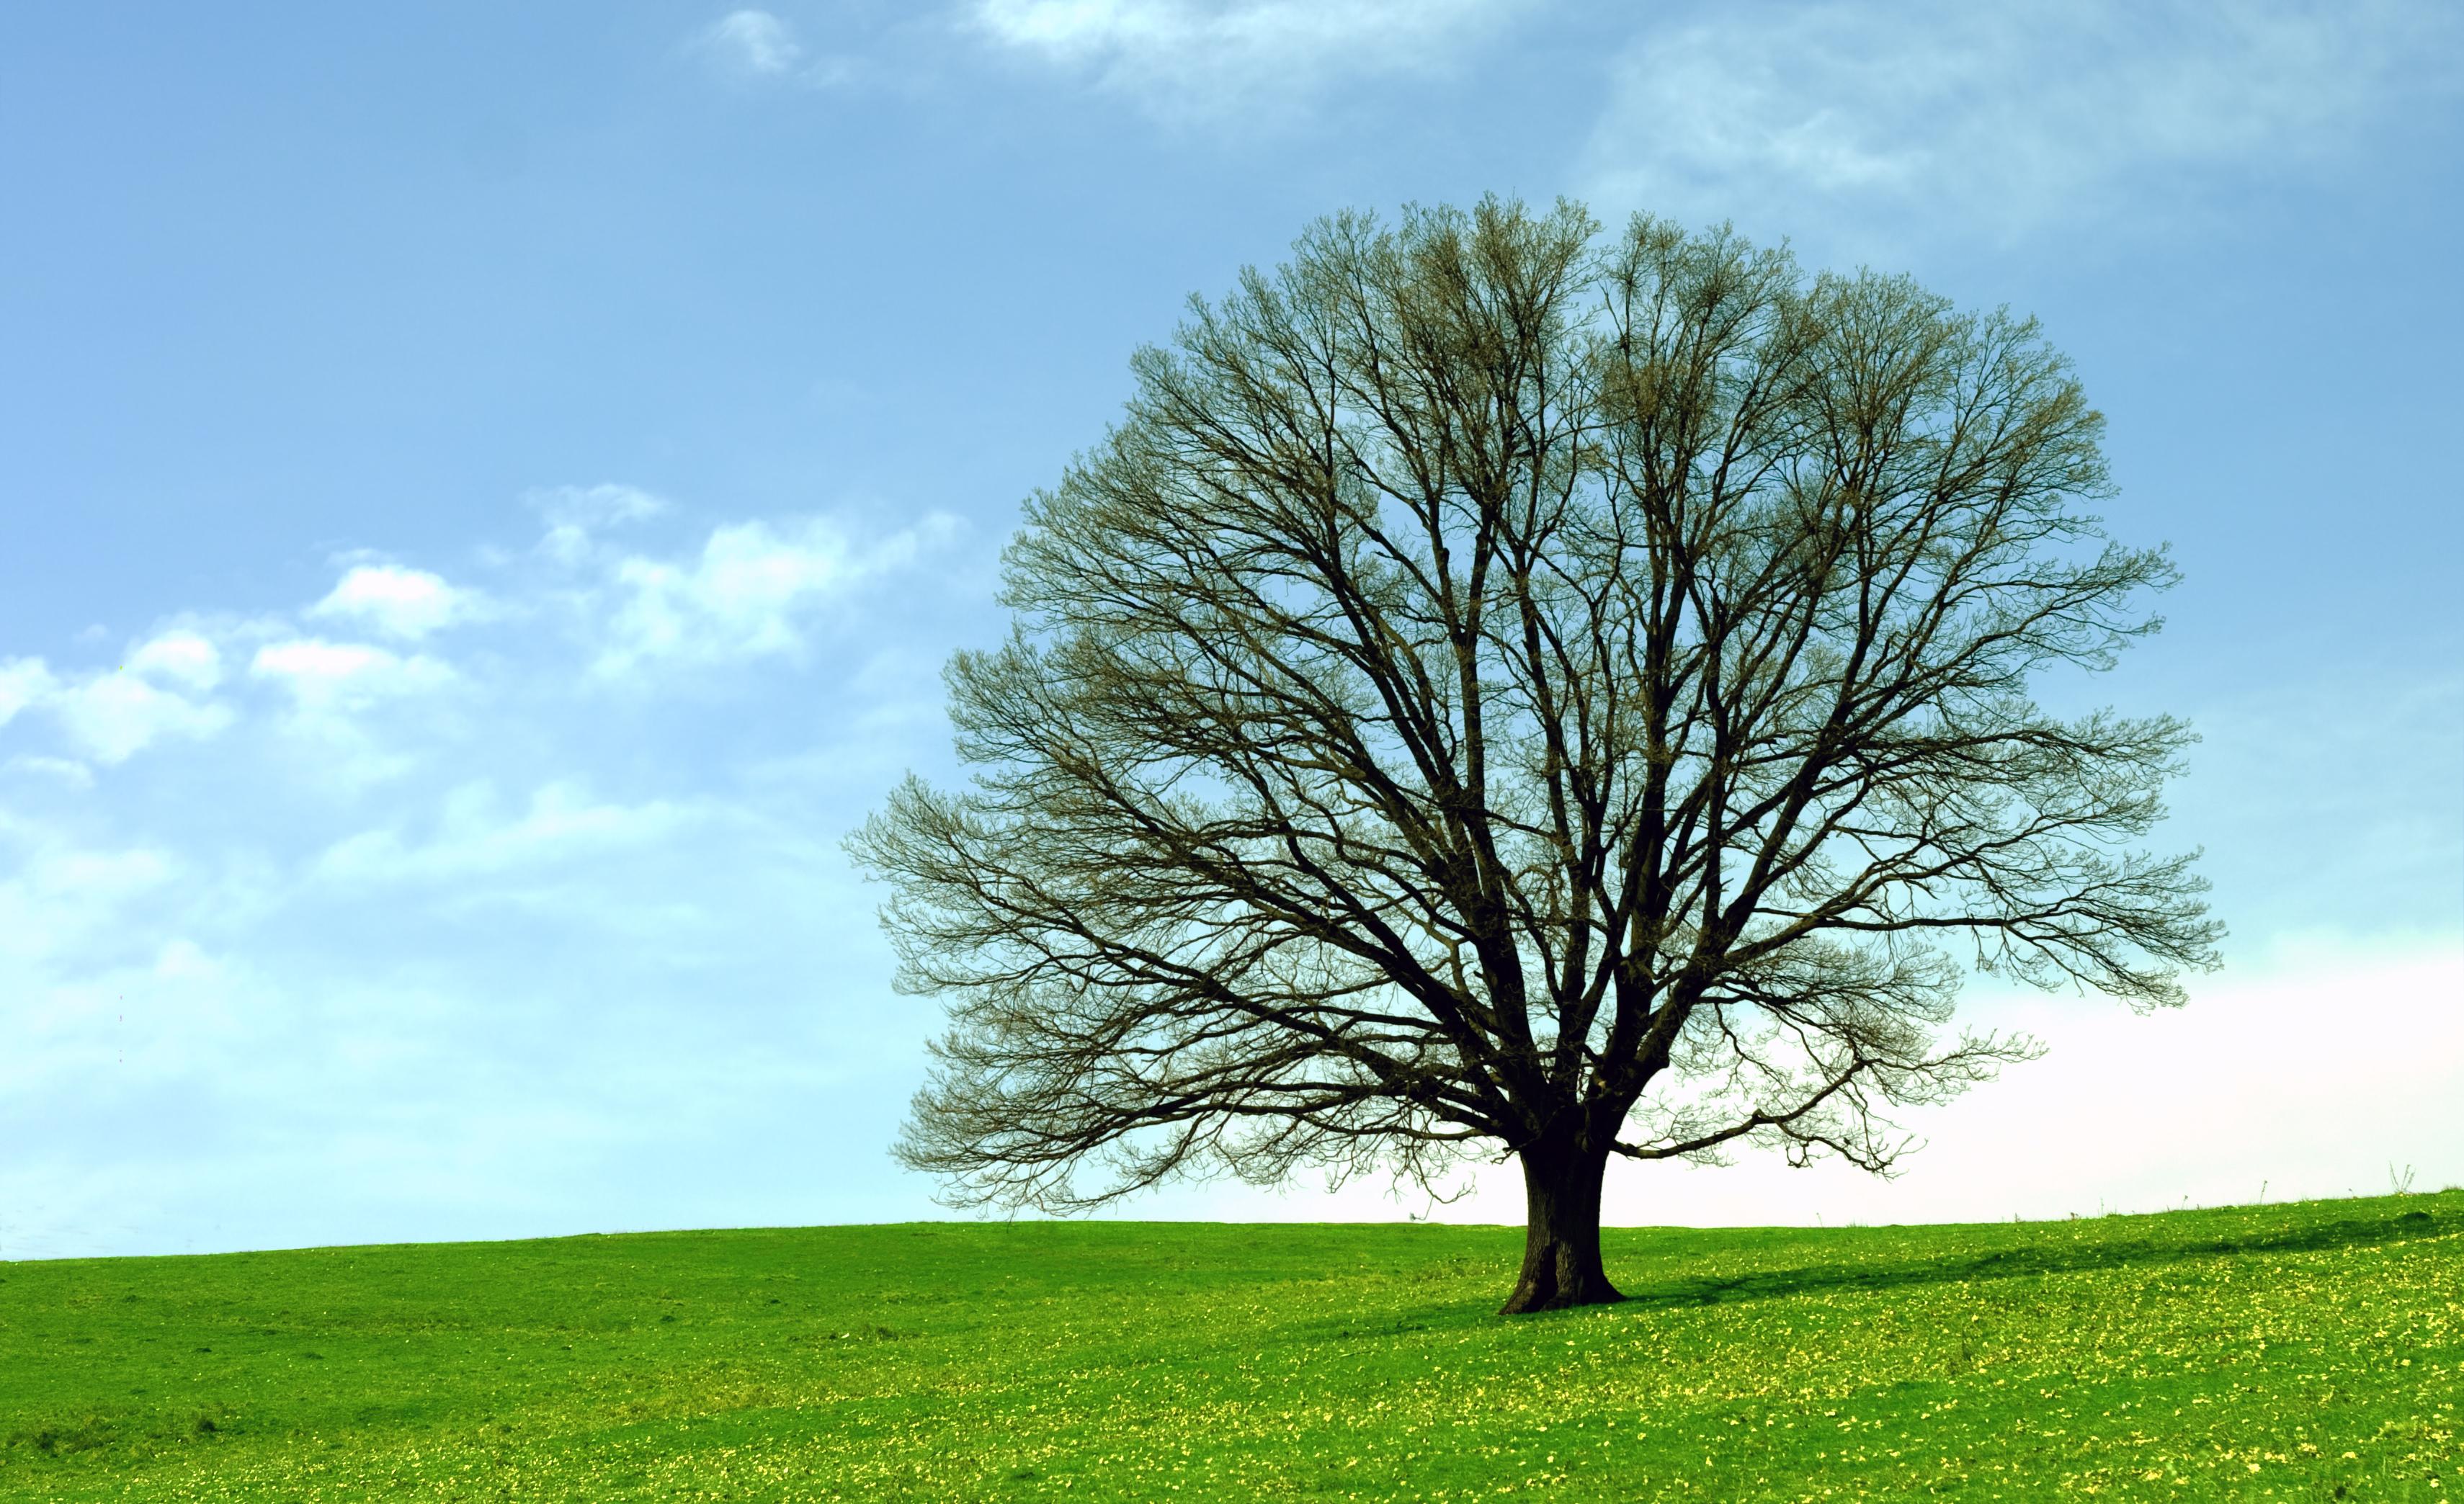 3420x2088px Tree 4897.88 KB #352174